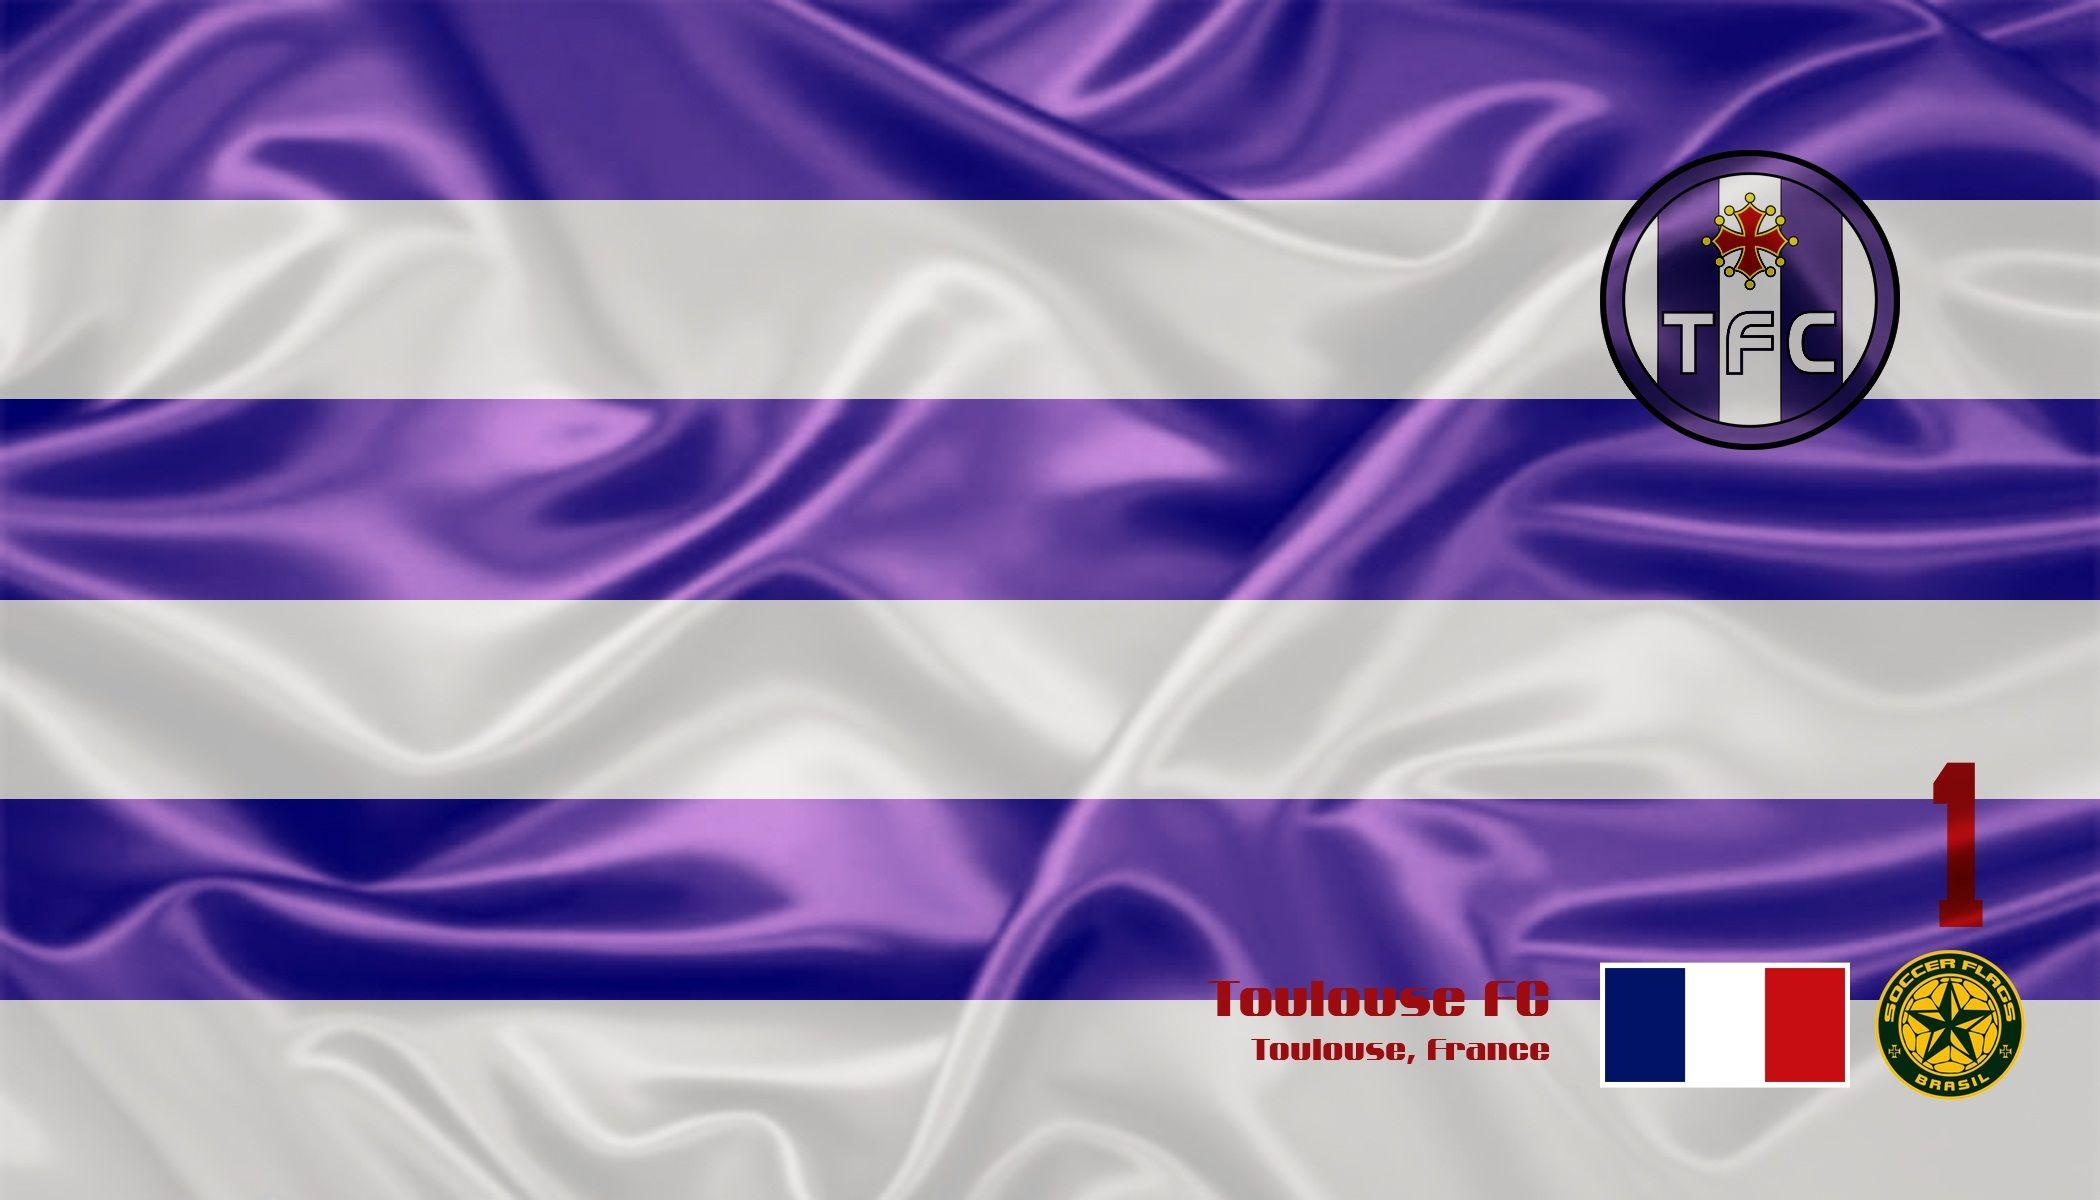 Toulouse FC - Veja mais e baixe de graça em nosso Blog http://soccerflags.blogspot.com.br